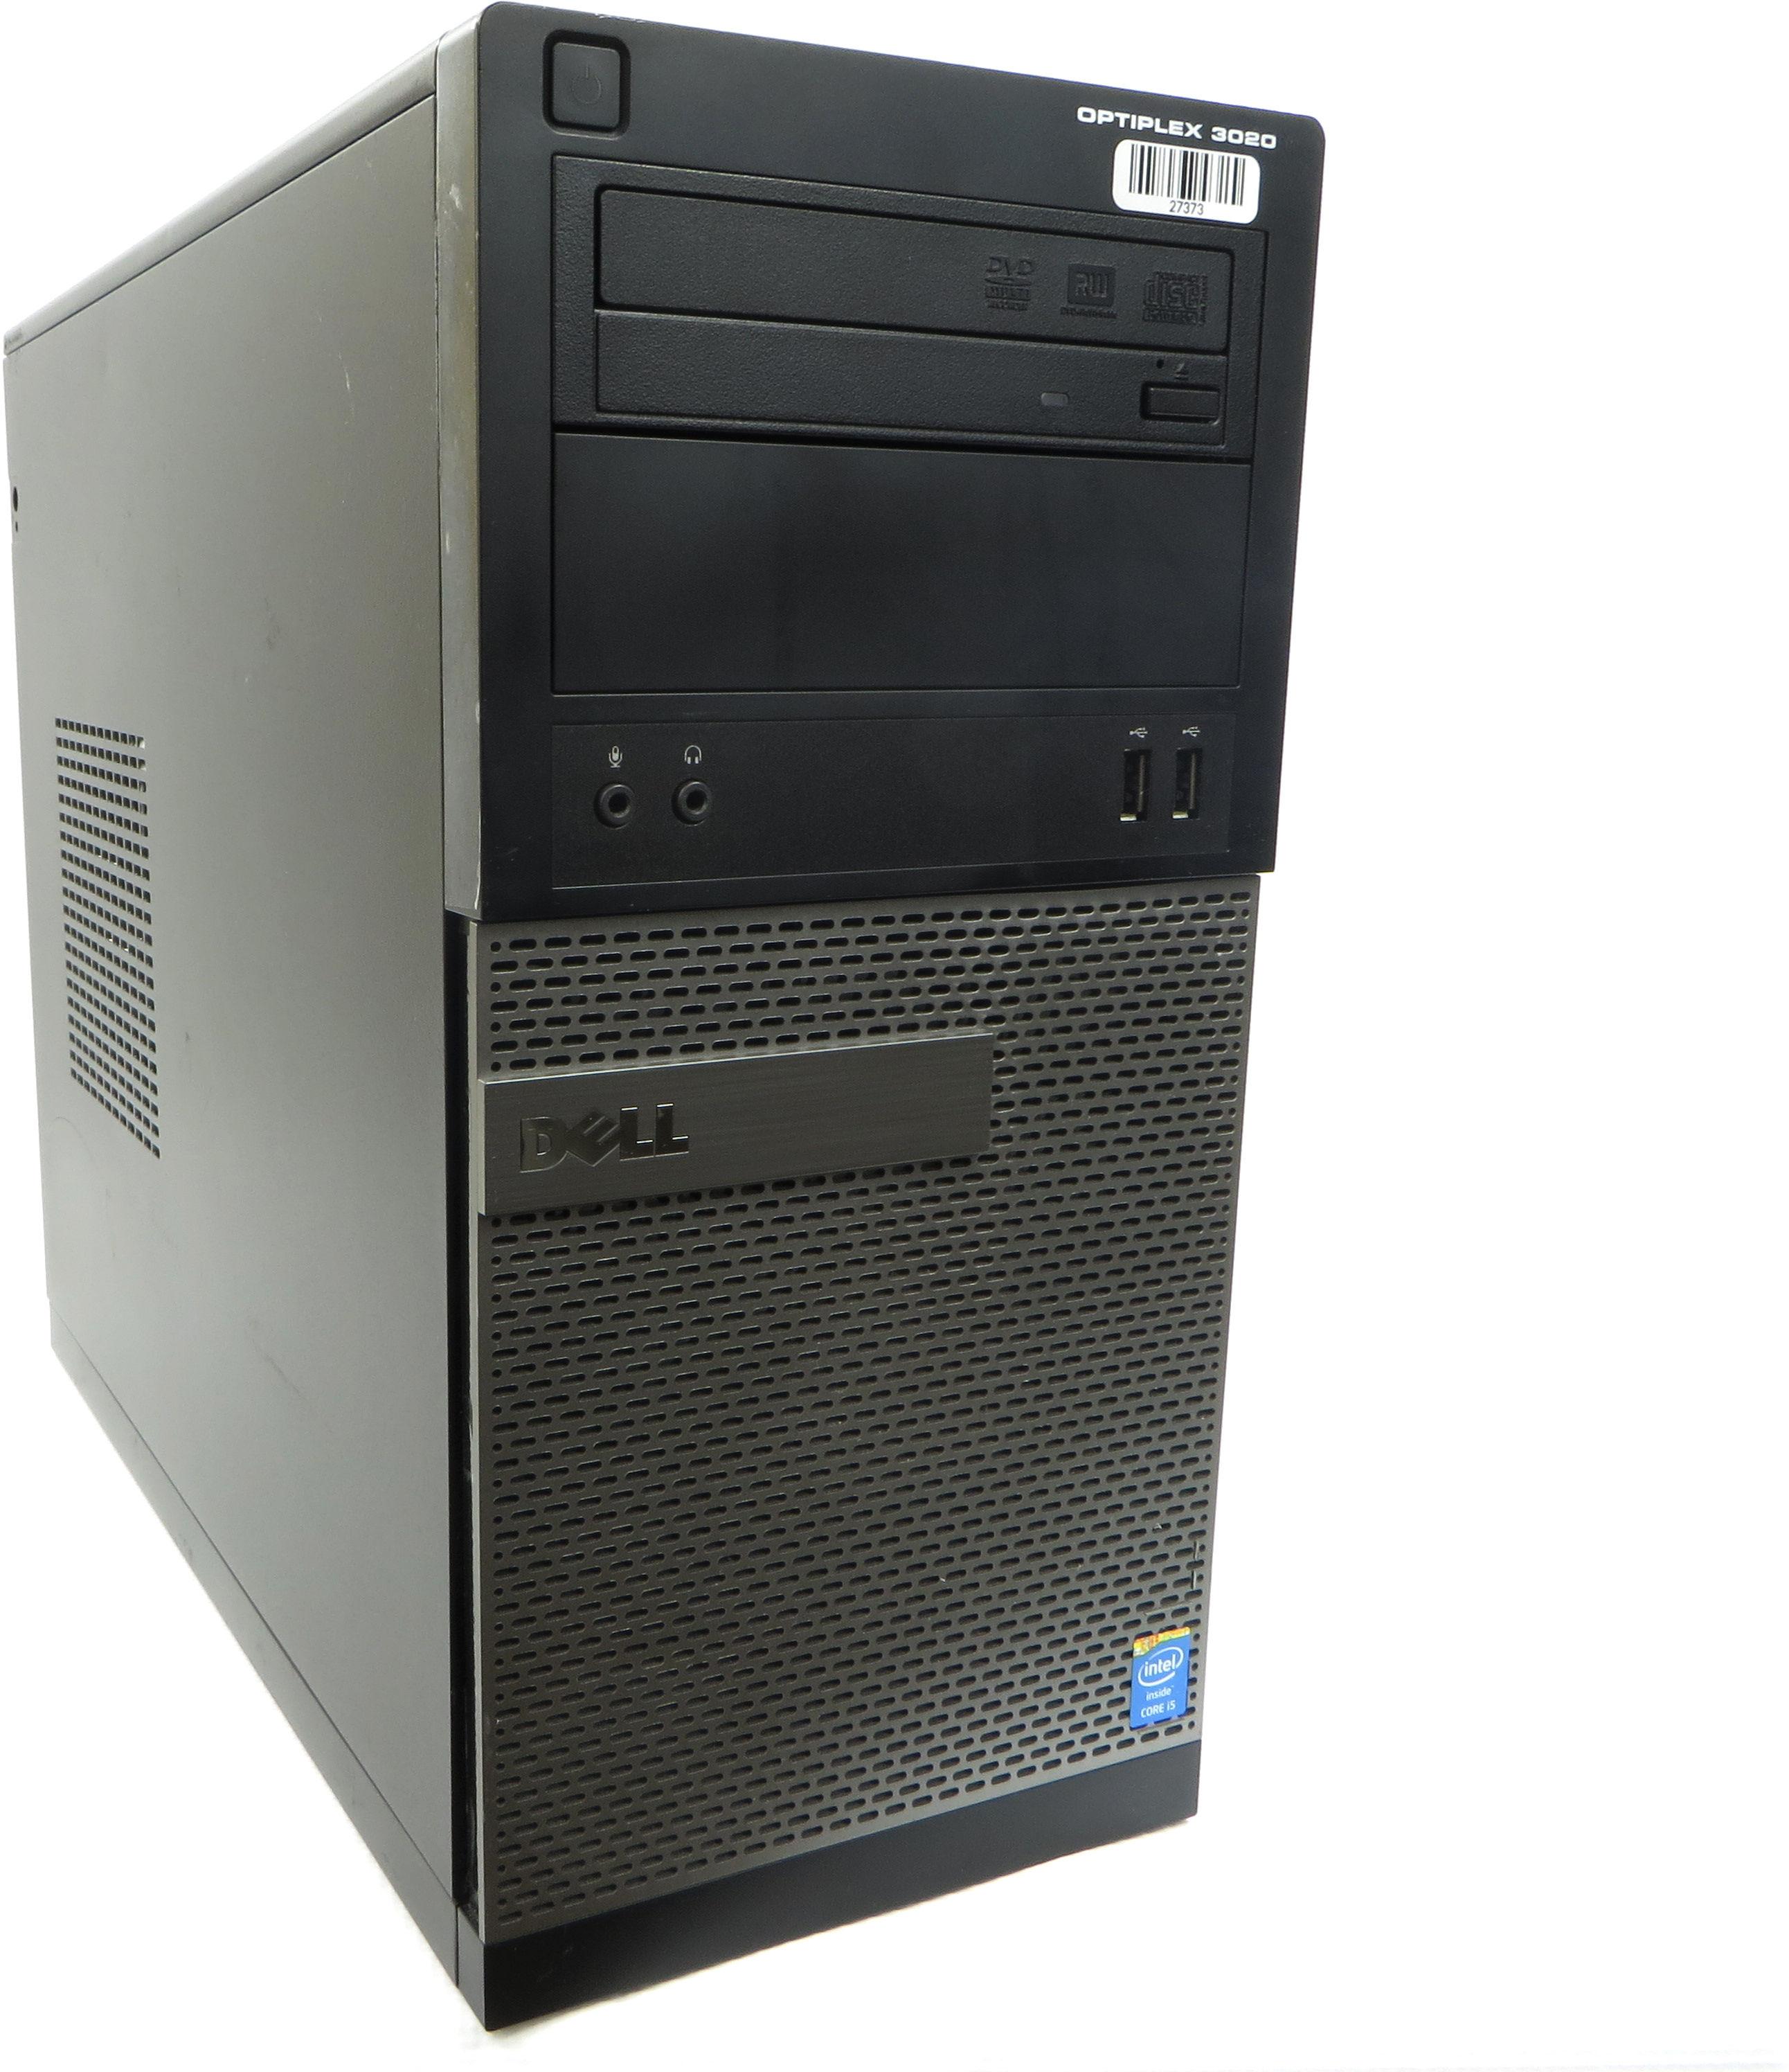 Komputer DELL OptiPlex 3020 MidiTower i5-4440 4x3.30GHz 8GB 500GB DisplayPort Windows 7 Professional